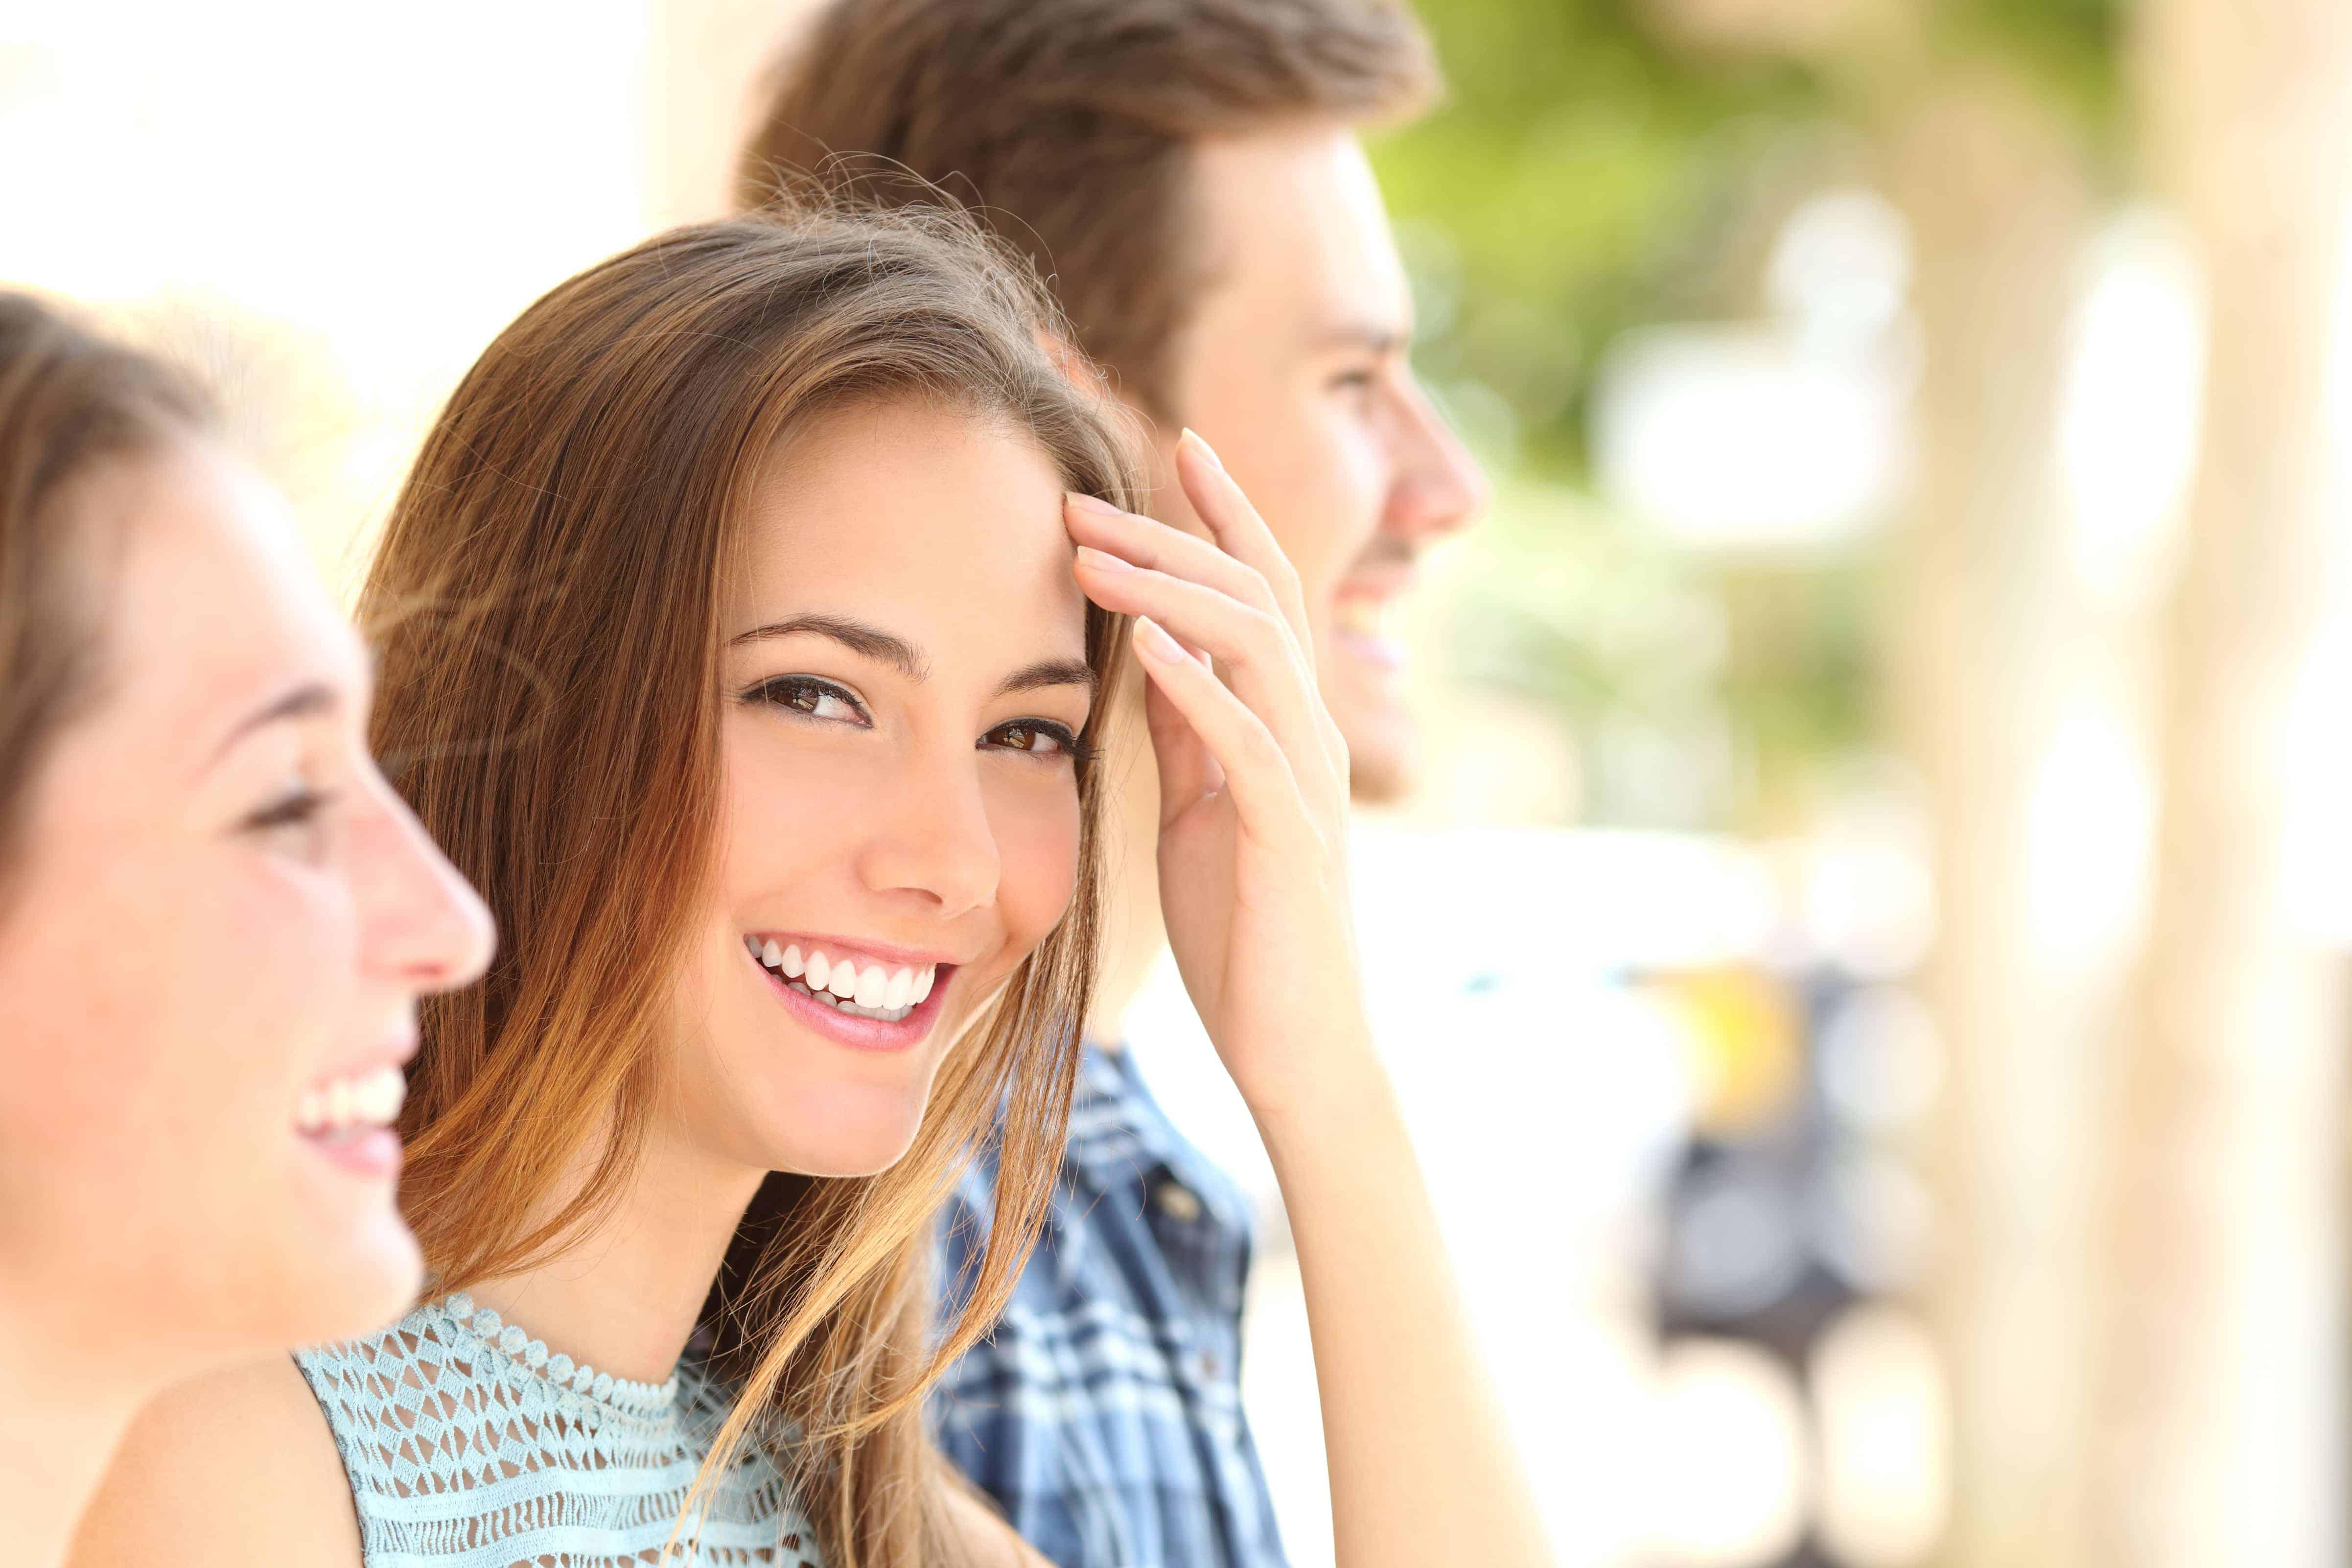 hero image - Avery & Meadows Dental Partnership